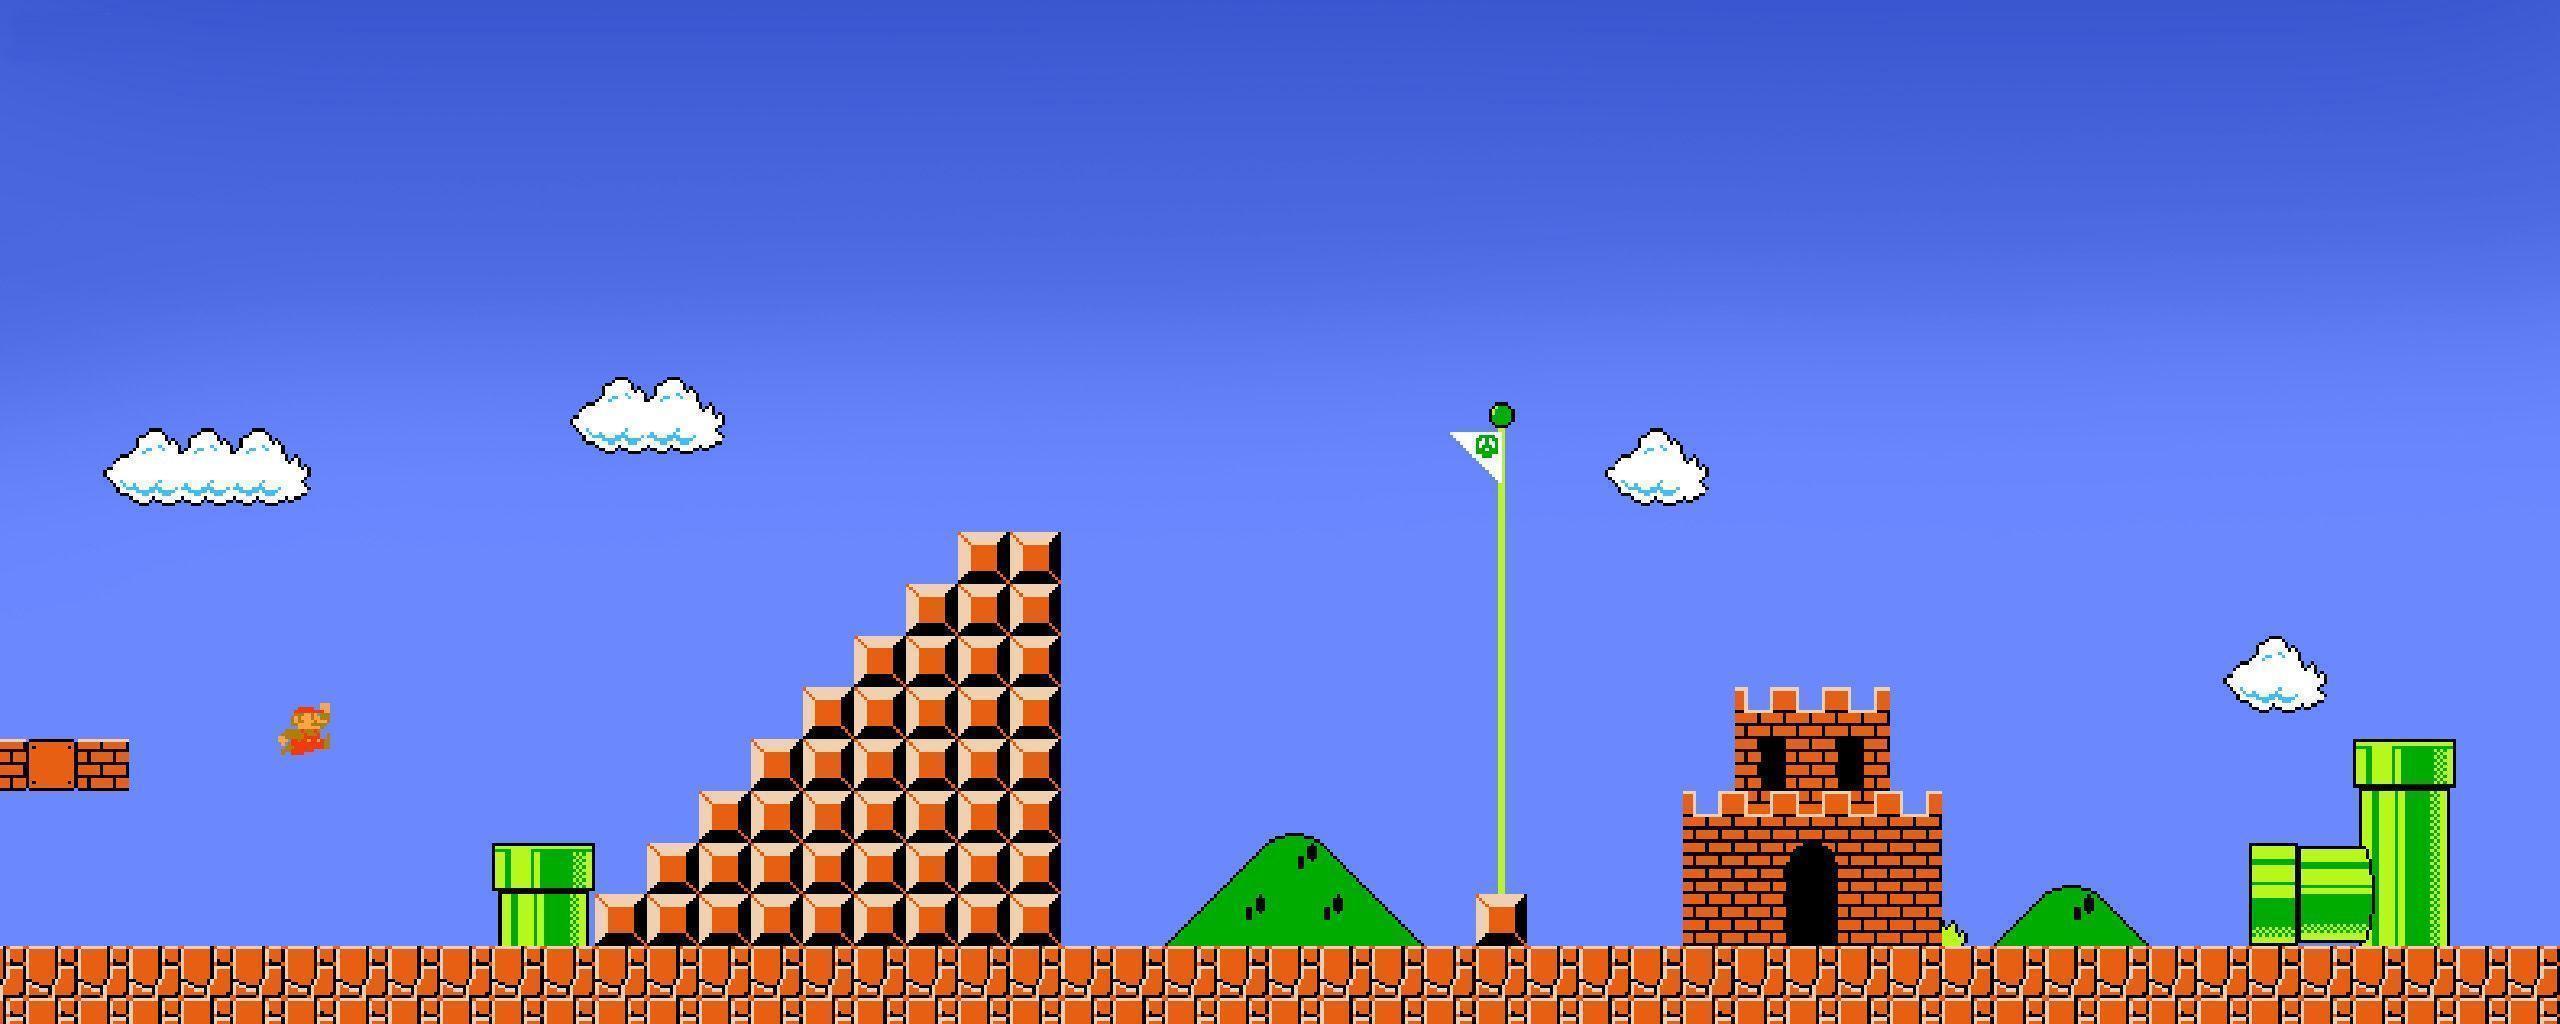 Super Mario Pixel Backgrounds Wallpaper Cave